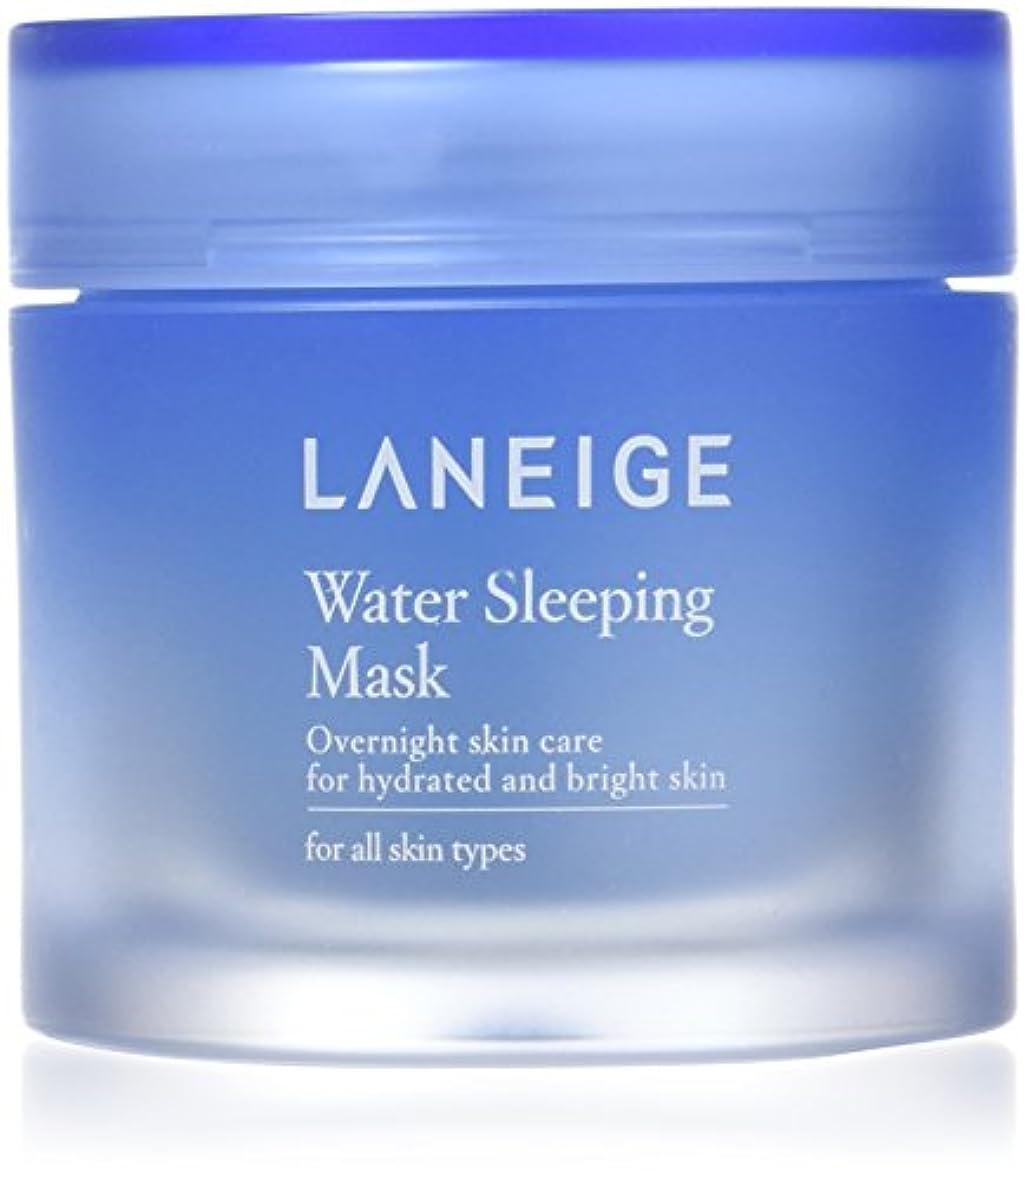 めまいパース酸化物LANEIGE/ラネージュ ウォータースリーピング マスク 70ml/Laneige Water Sleeping Mask 70ml [海外直送品]